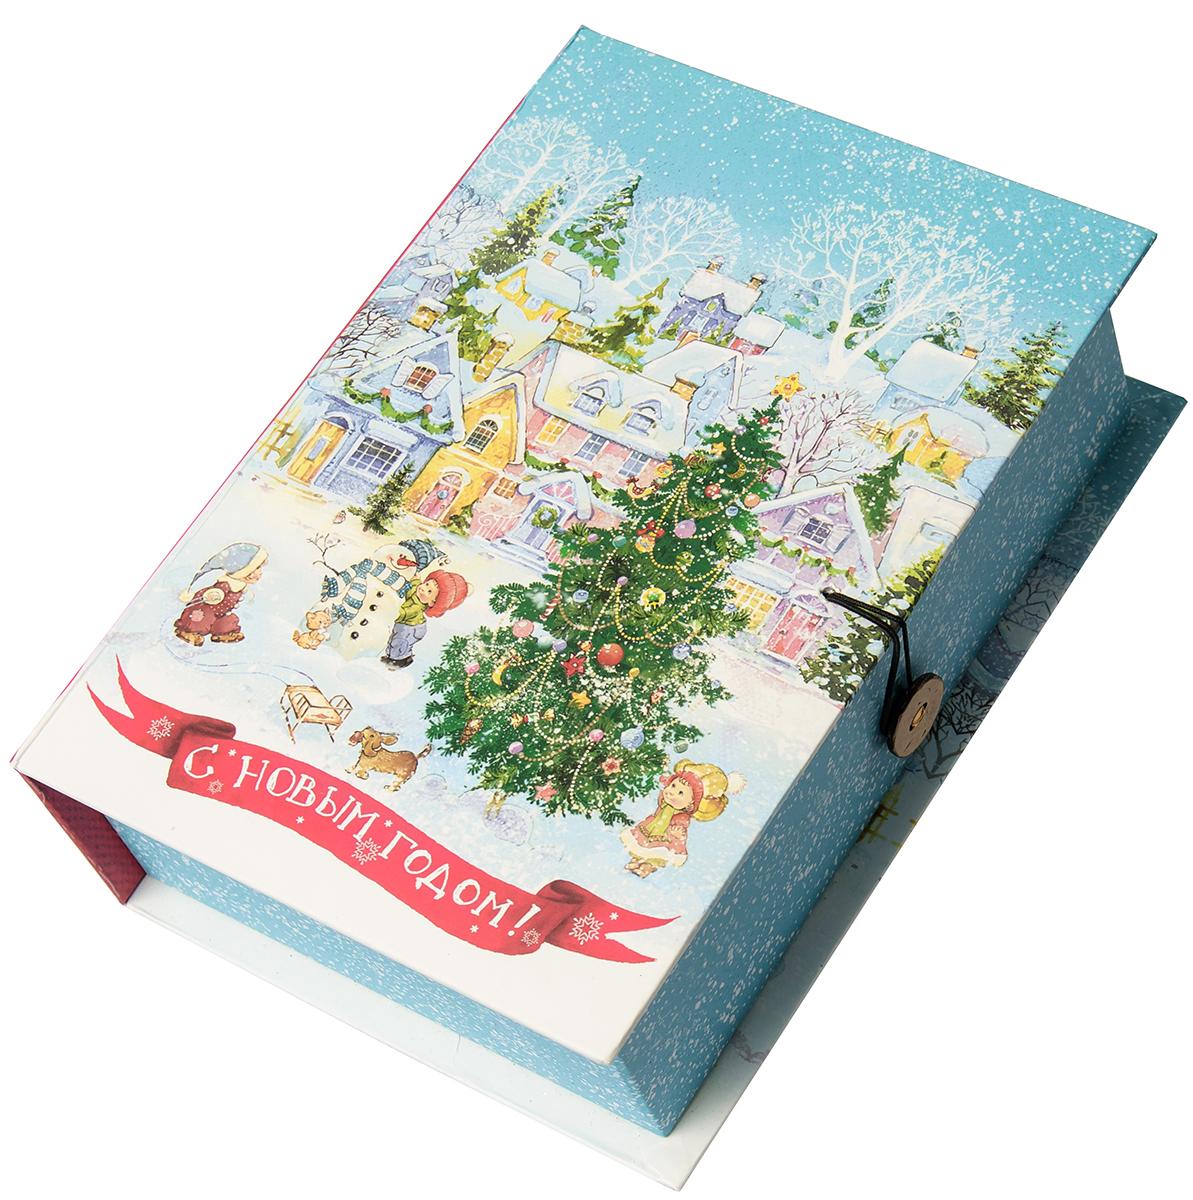 Коробка подарочная Magic Time Новогодняя площадь, размер M. 7503975039Подарочная коробка Magic Time, выполненная из мелованного, ламинированного картона, закрывается на пуговицу. Крышка оформлена декоративным рисунком.Подарочная коробка - это наилучшее решение, если вы хотите порадовать ваших близких и создать праздничное настроение, ведь подарок, преподнесенный в оригинальной упаковке, всегда будет самым эффектным и запоминающимся. Окружите близких людей вниманием и заботой, вручив презент в нарядном, праздничном оформлении.Плотность картона: 1100 г/м2.